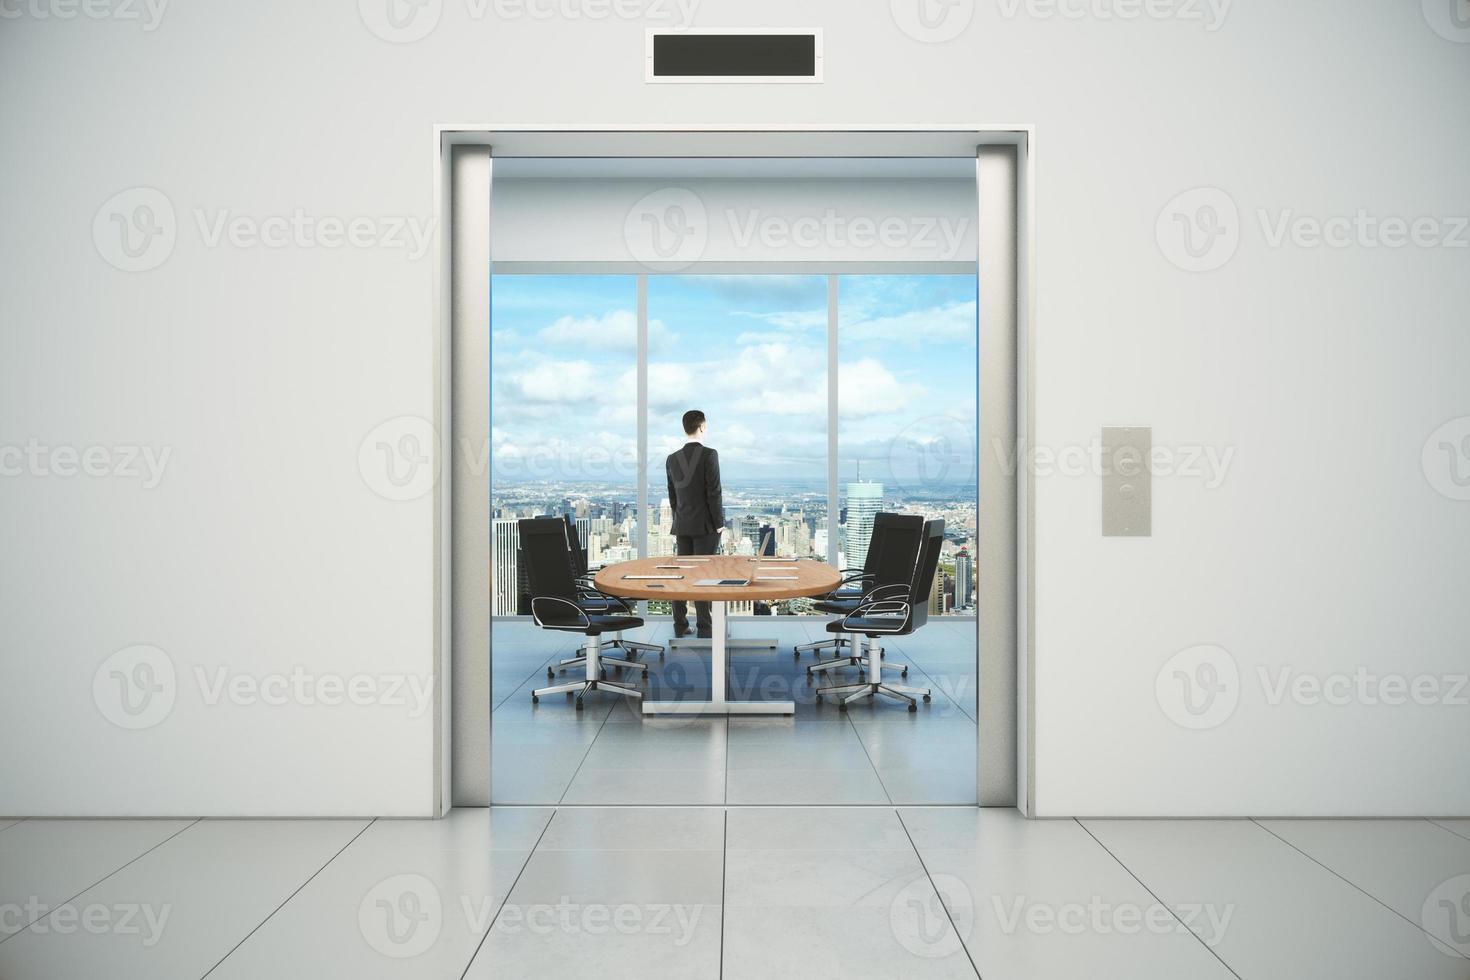 salle de conférence moderne avec vue sur la ville et l'homme d'affaires photo